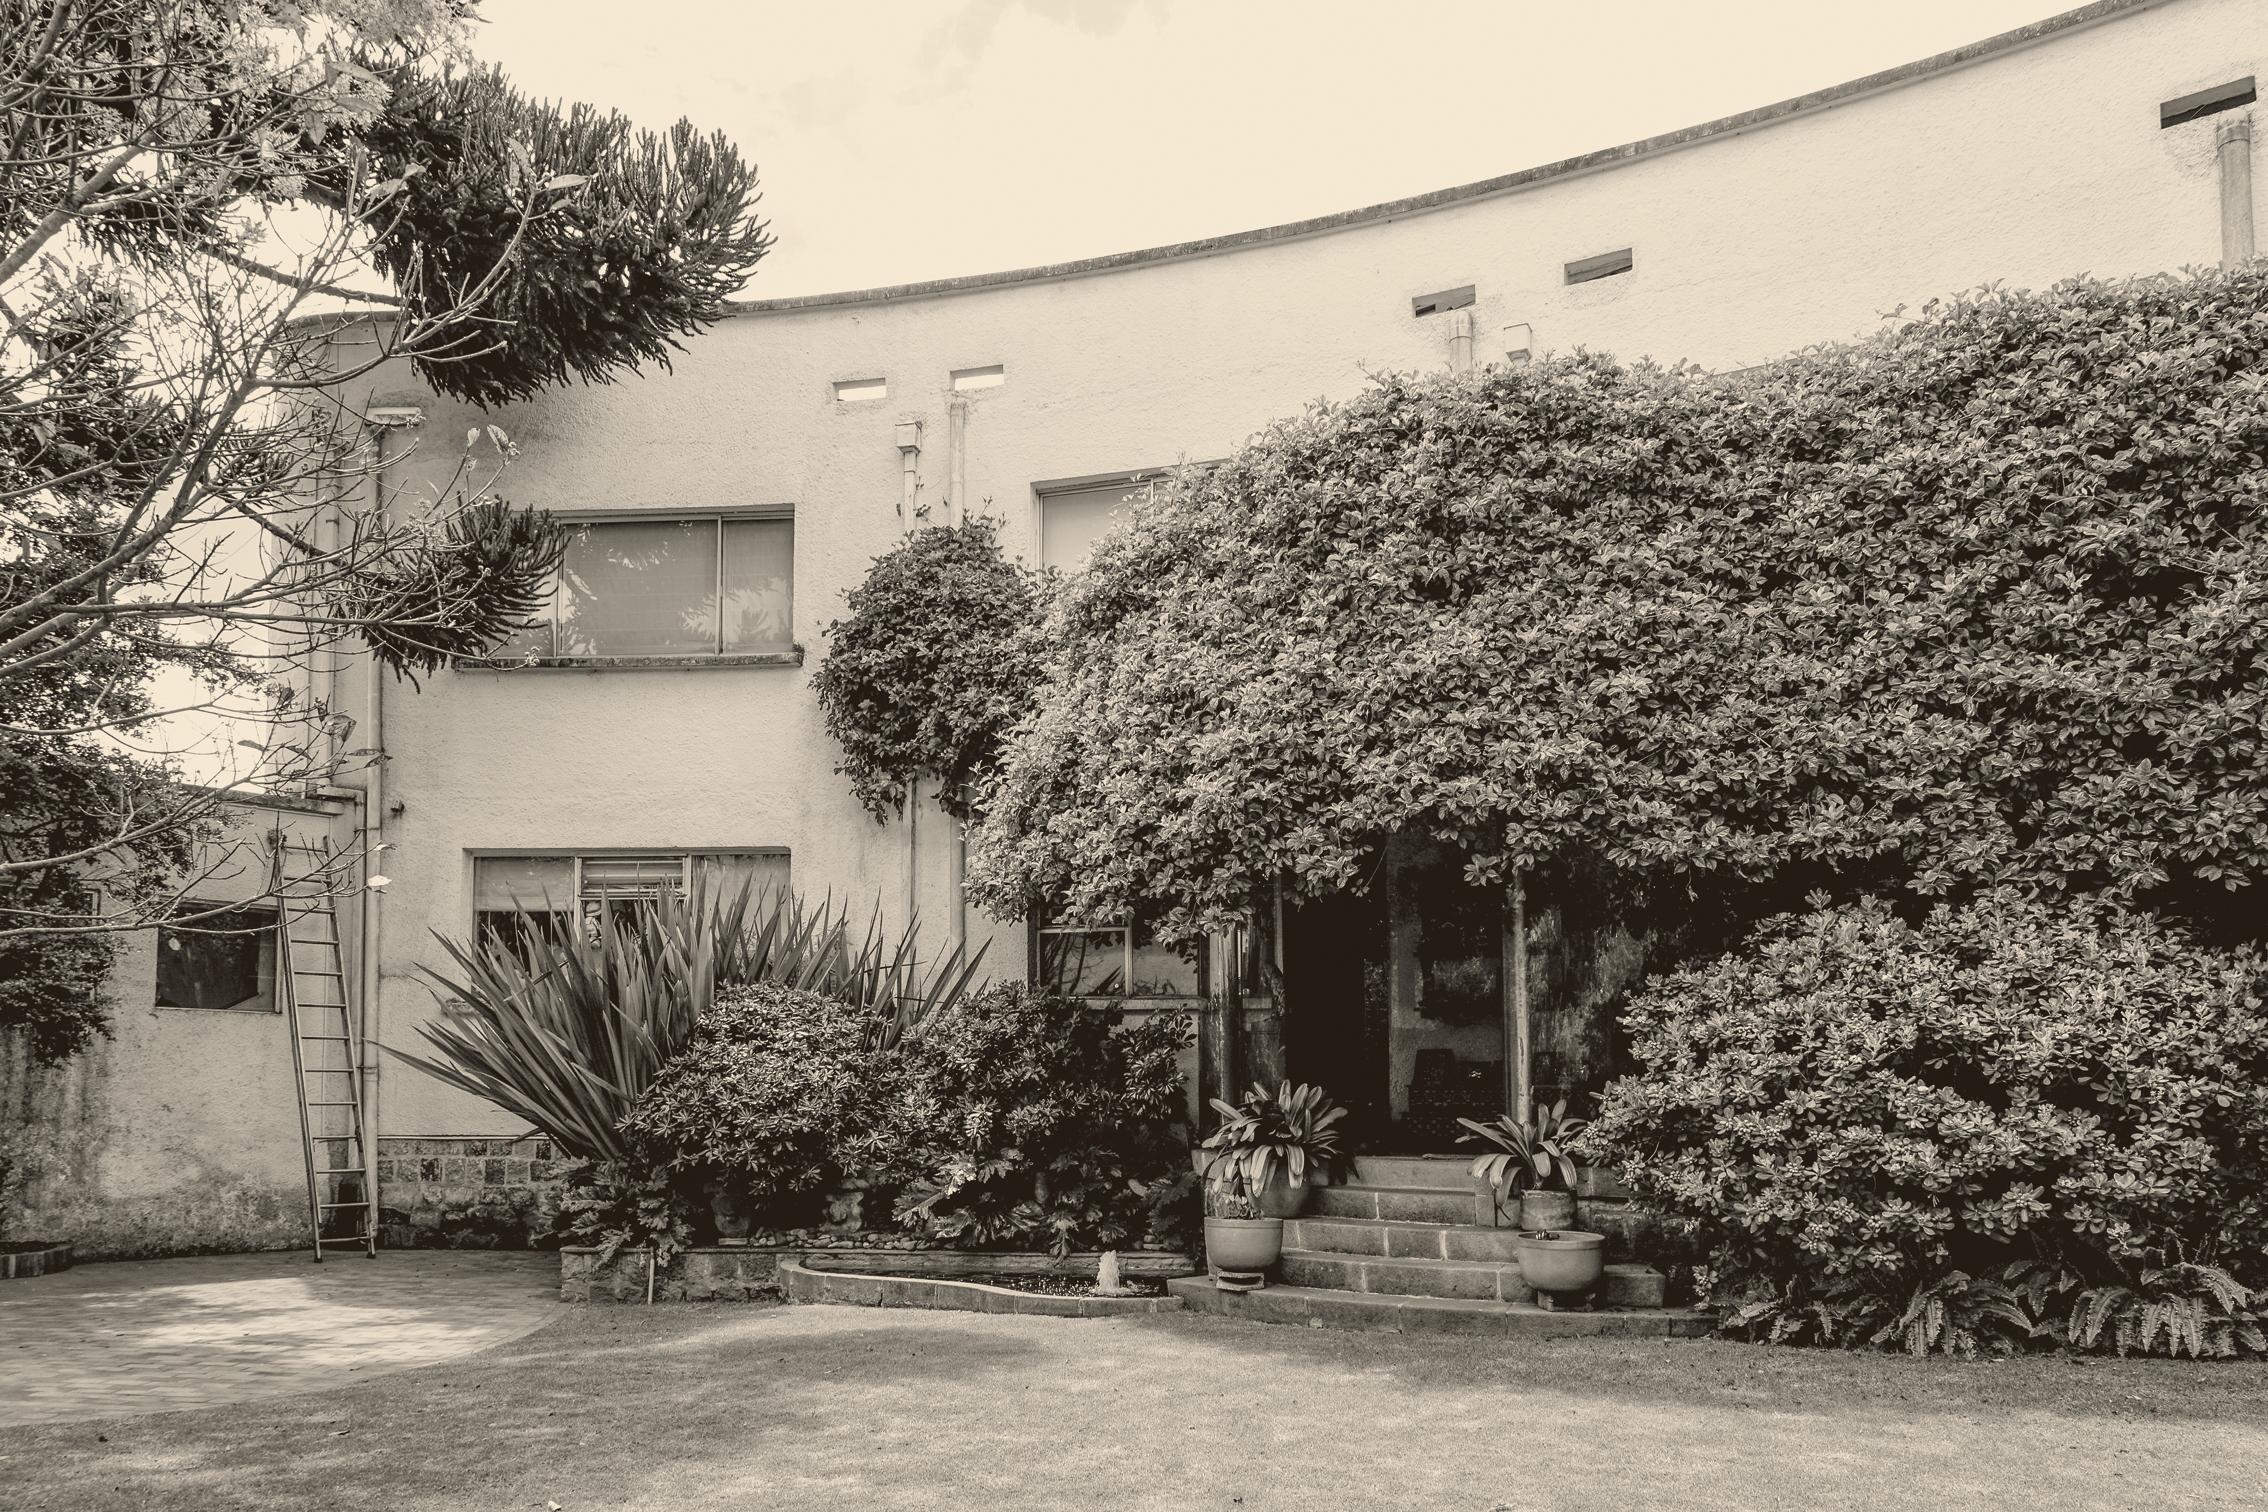 Casa Taller Olga Fisch. Foto: Rómulo Moya Peralta, Archivo Trama